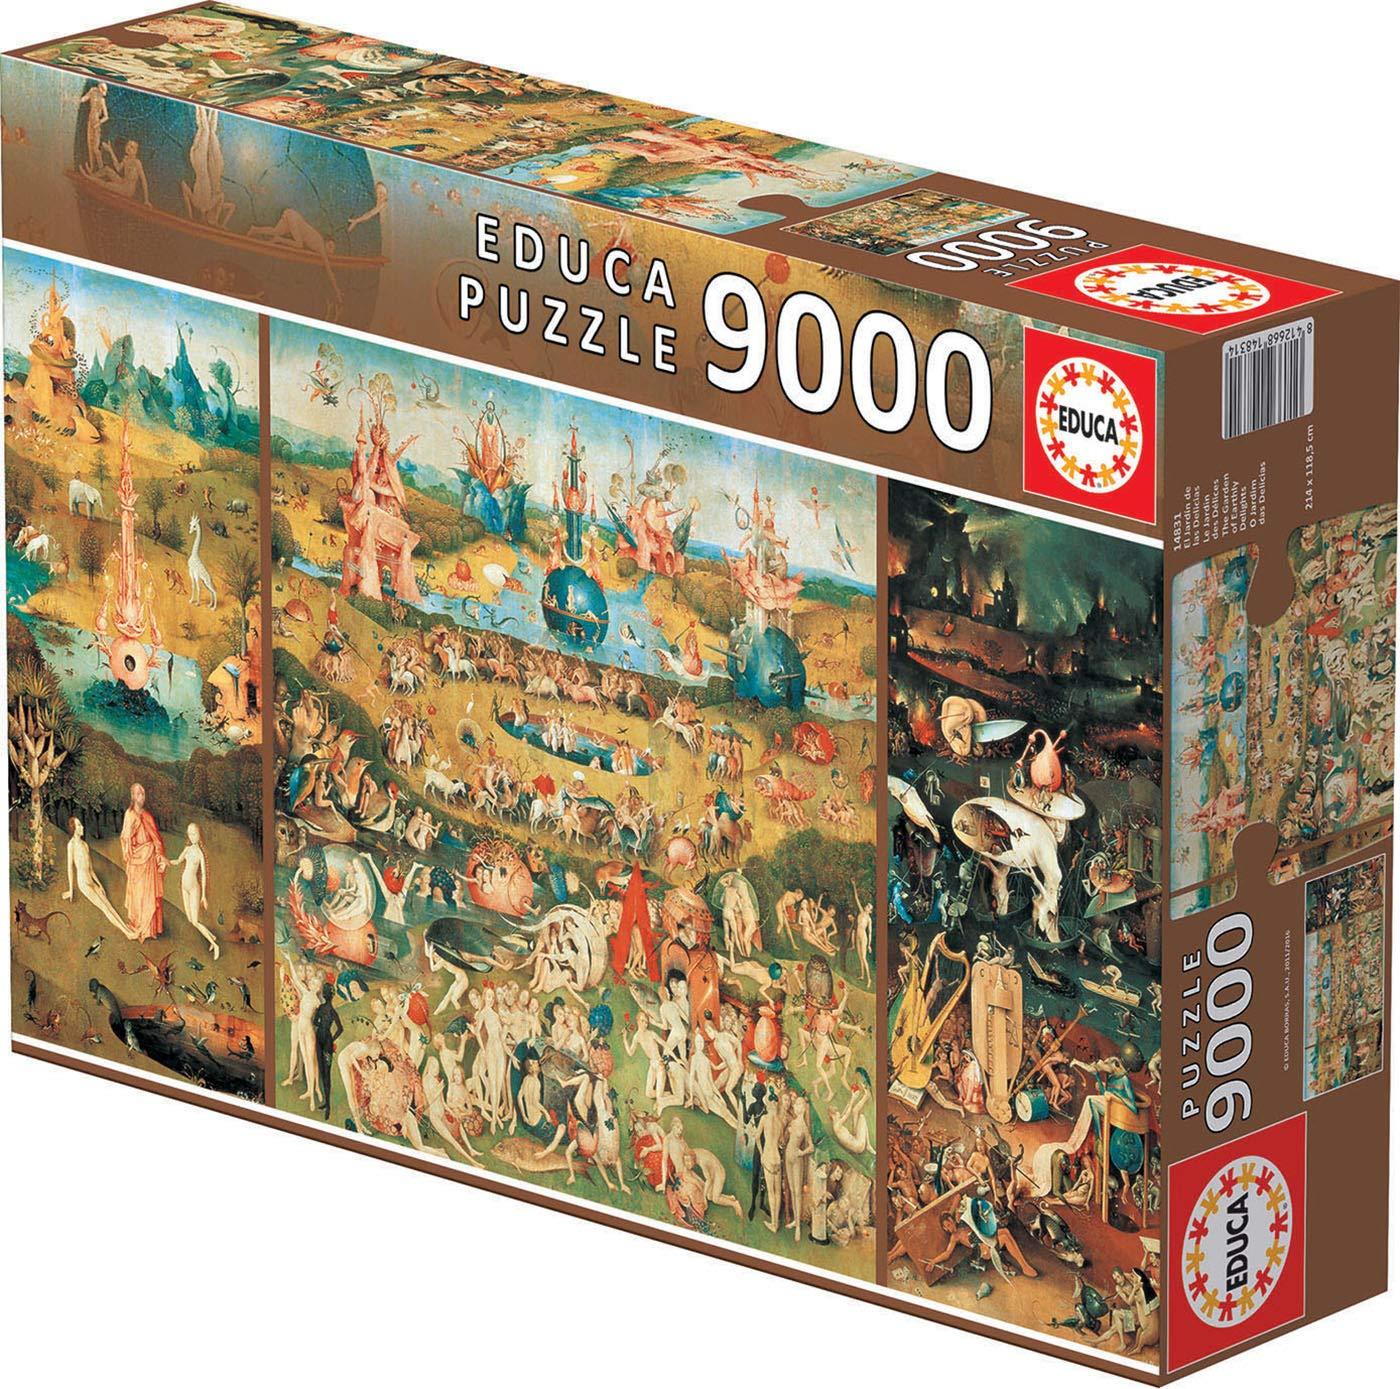 Educa Borrás – El Jardín de las delicias, puzzle de 9000 piezas (14831)